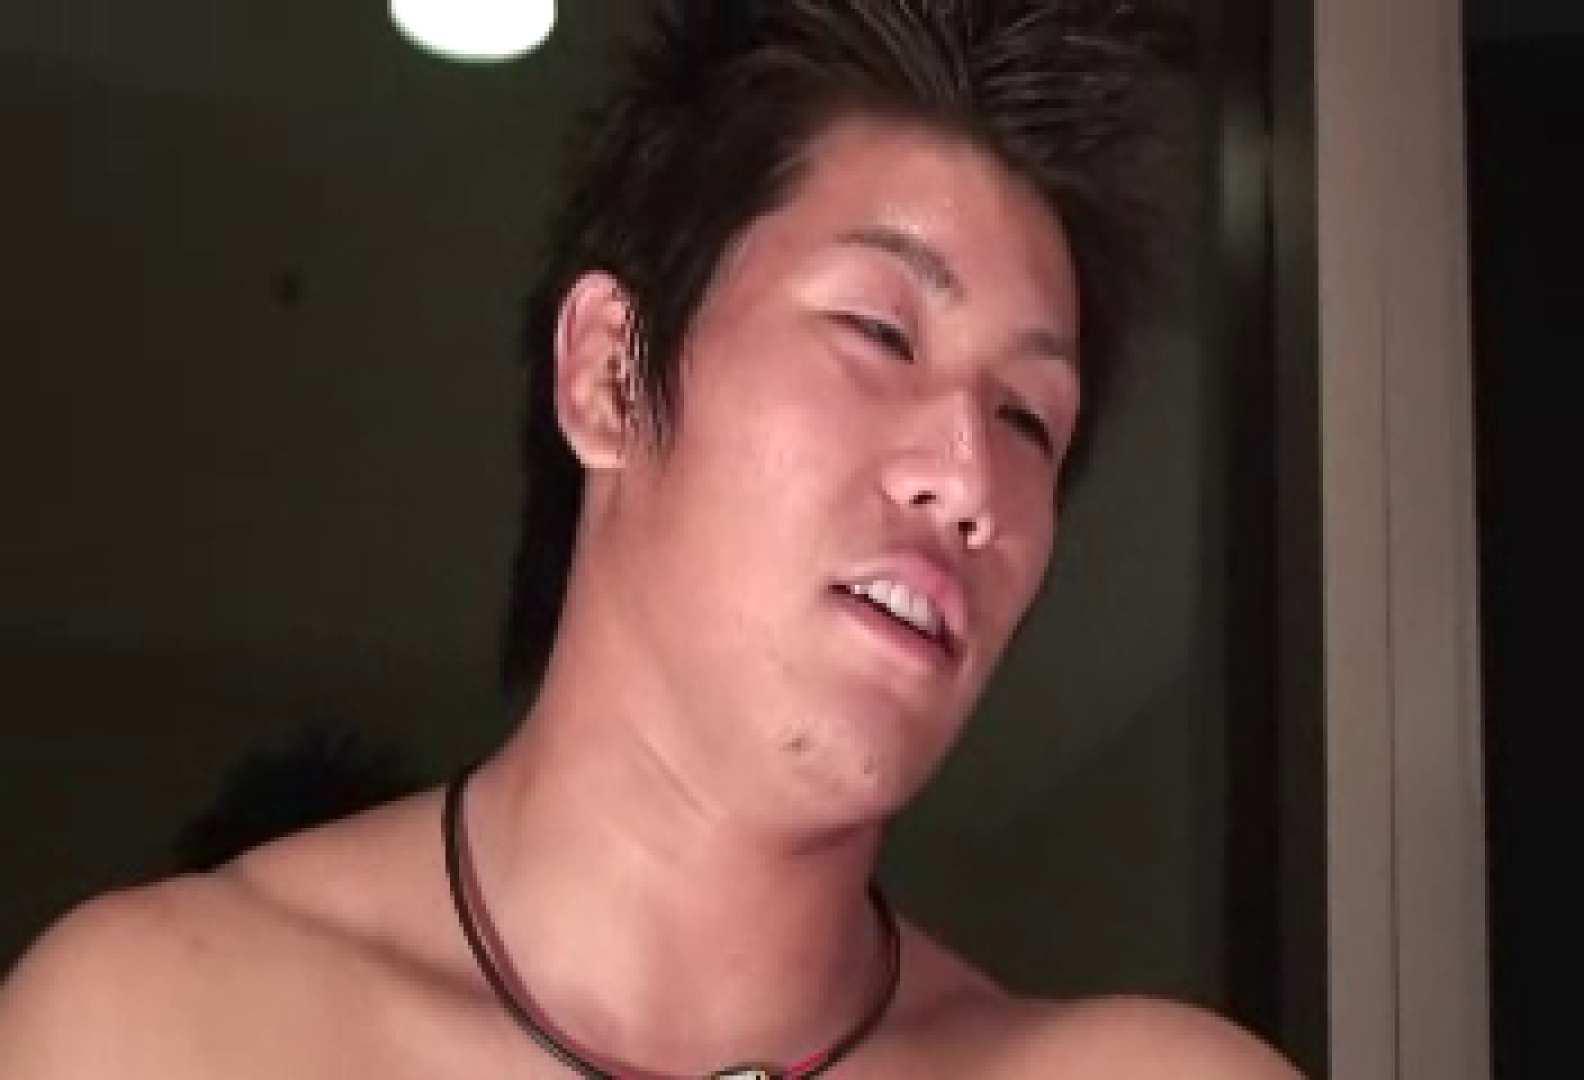 スリ筋!!Nice Finish!!vol.02 イケメンズ ゲイ無修正ビデオ画像 79枚 40